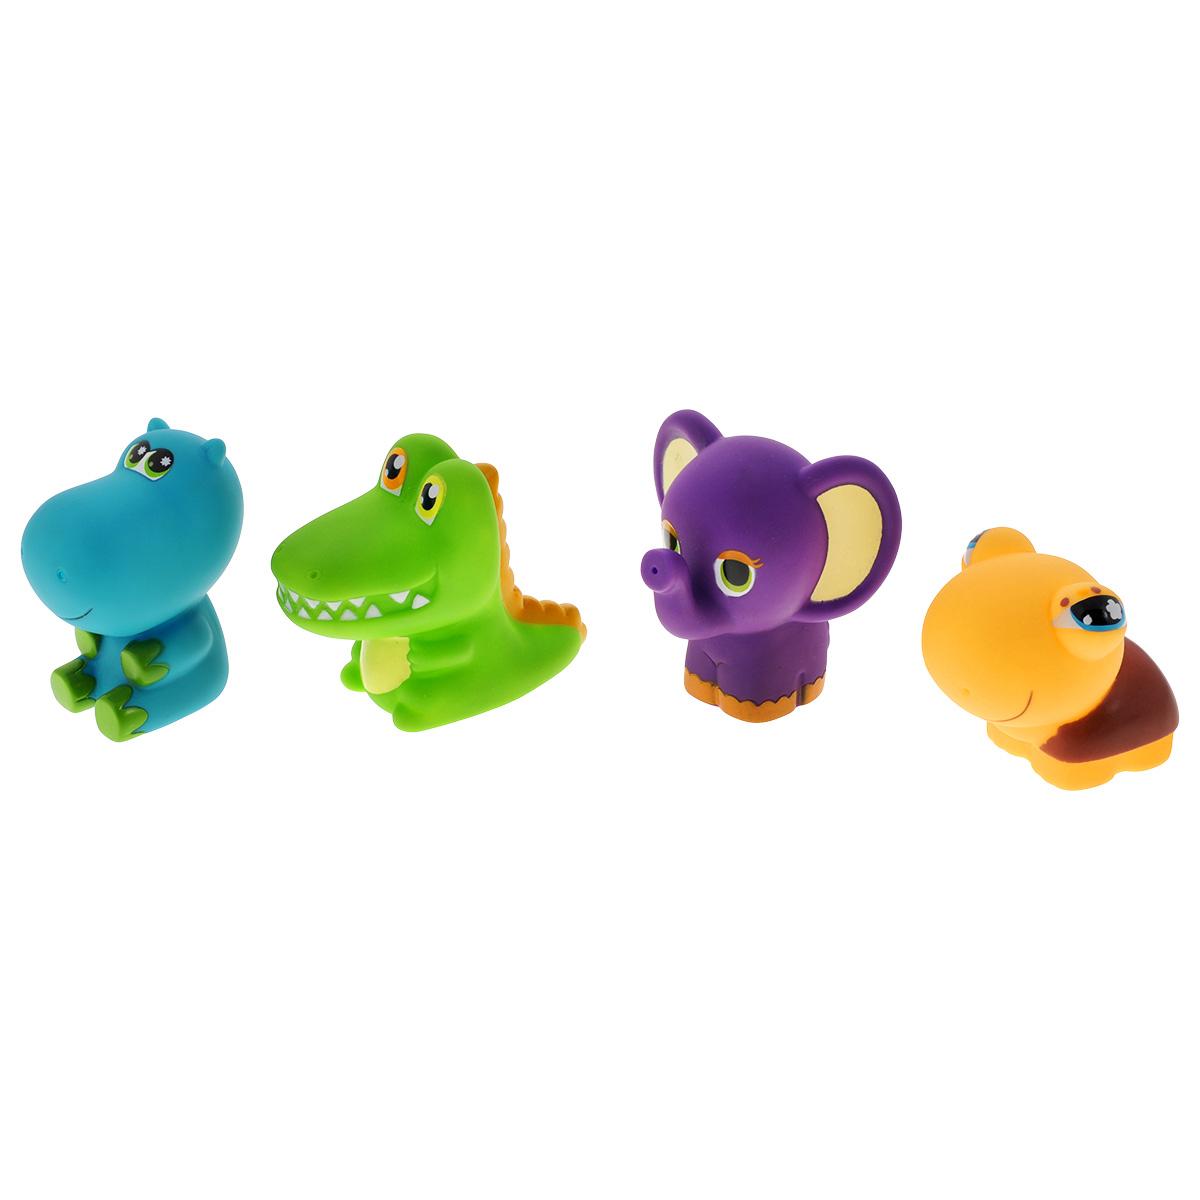 Игровой набор для ванны Mioshi Забавные малыши, 4 шт игрушки для ванны tolo toys набор ведерок квадратные